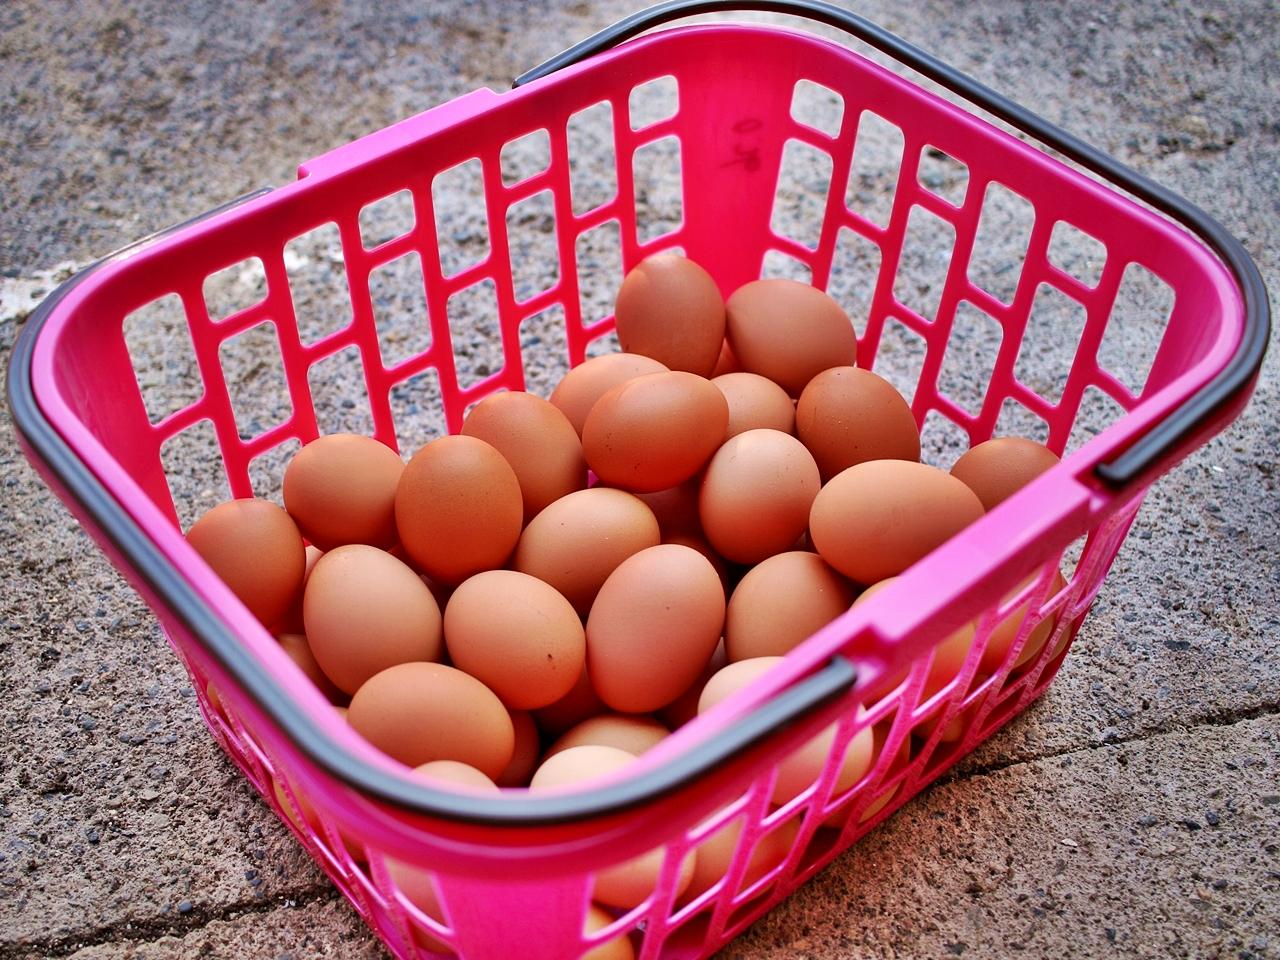 みとん今治,玉川ファーム,卵,農業